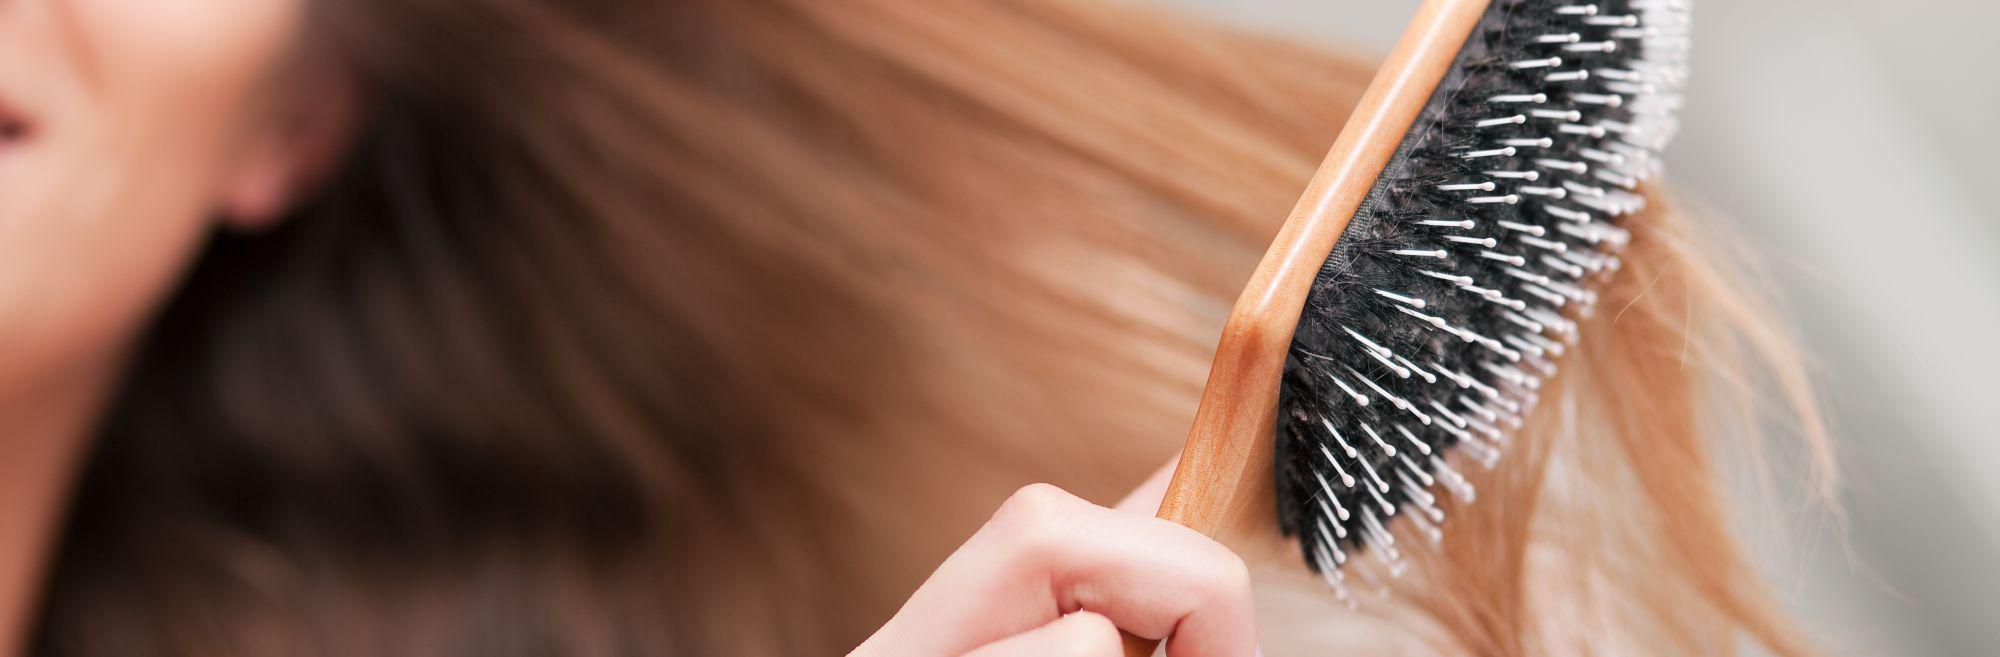 wczesywanie odżywki we włosy